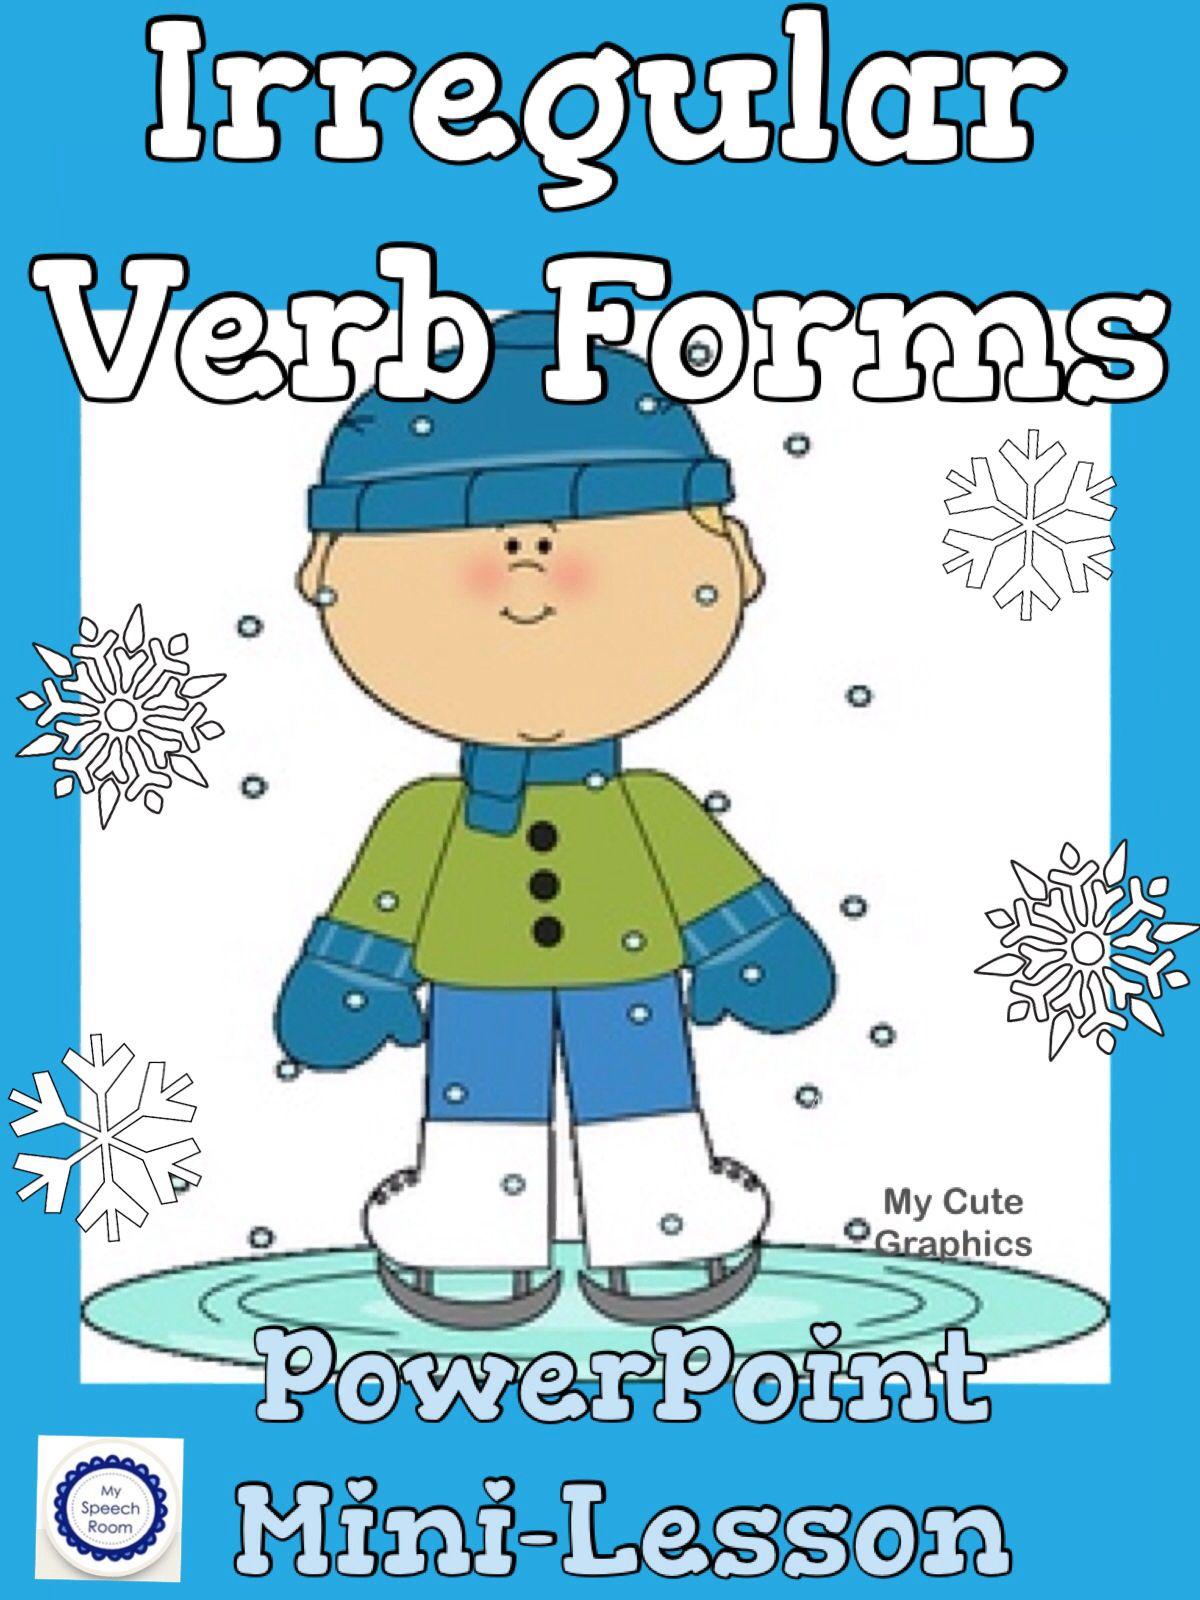 Winter Fun Irregular Verbs Interactive Powerpoint Activity Ccss L 2 1d L 3 1d